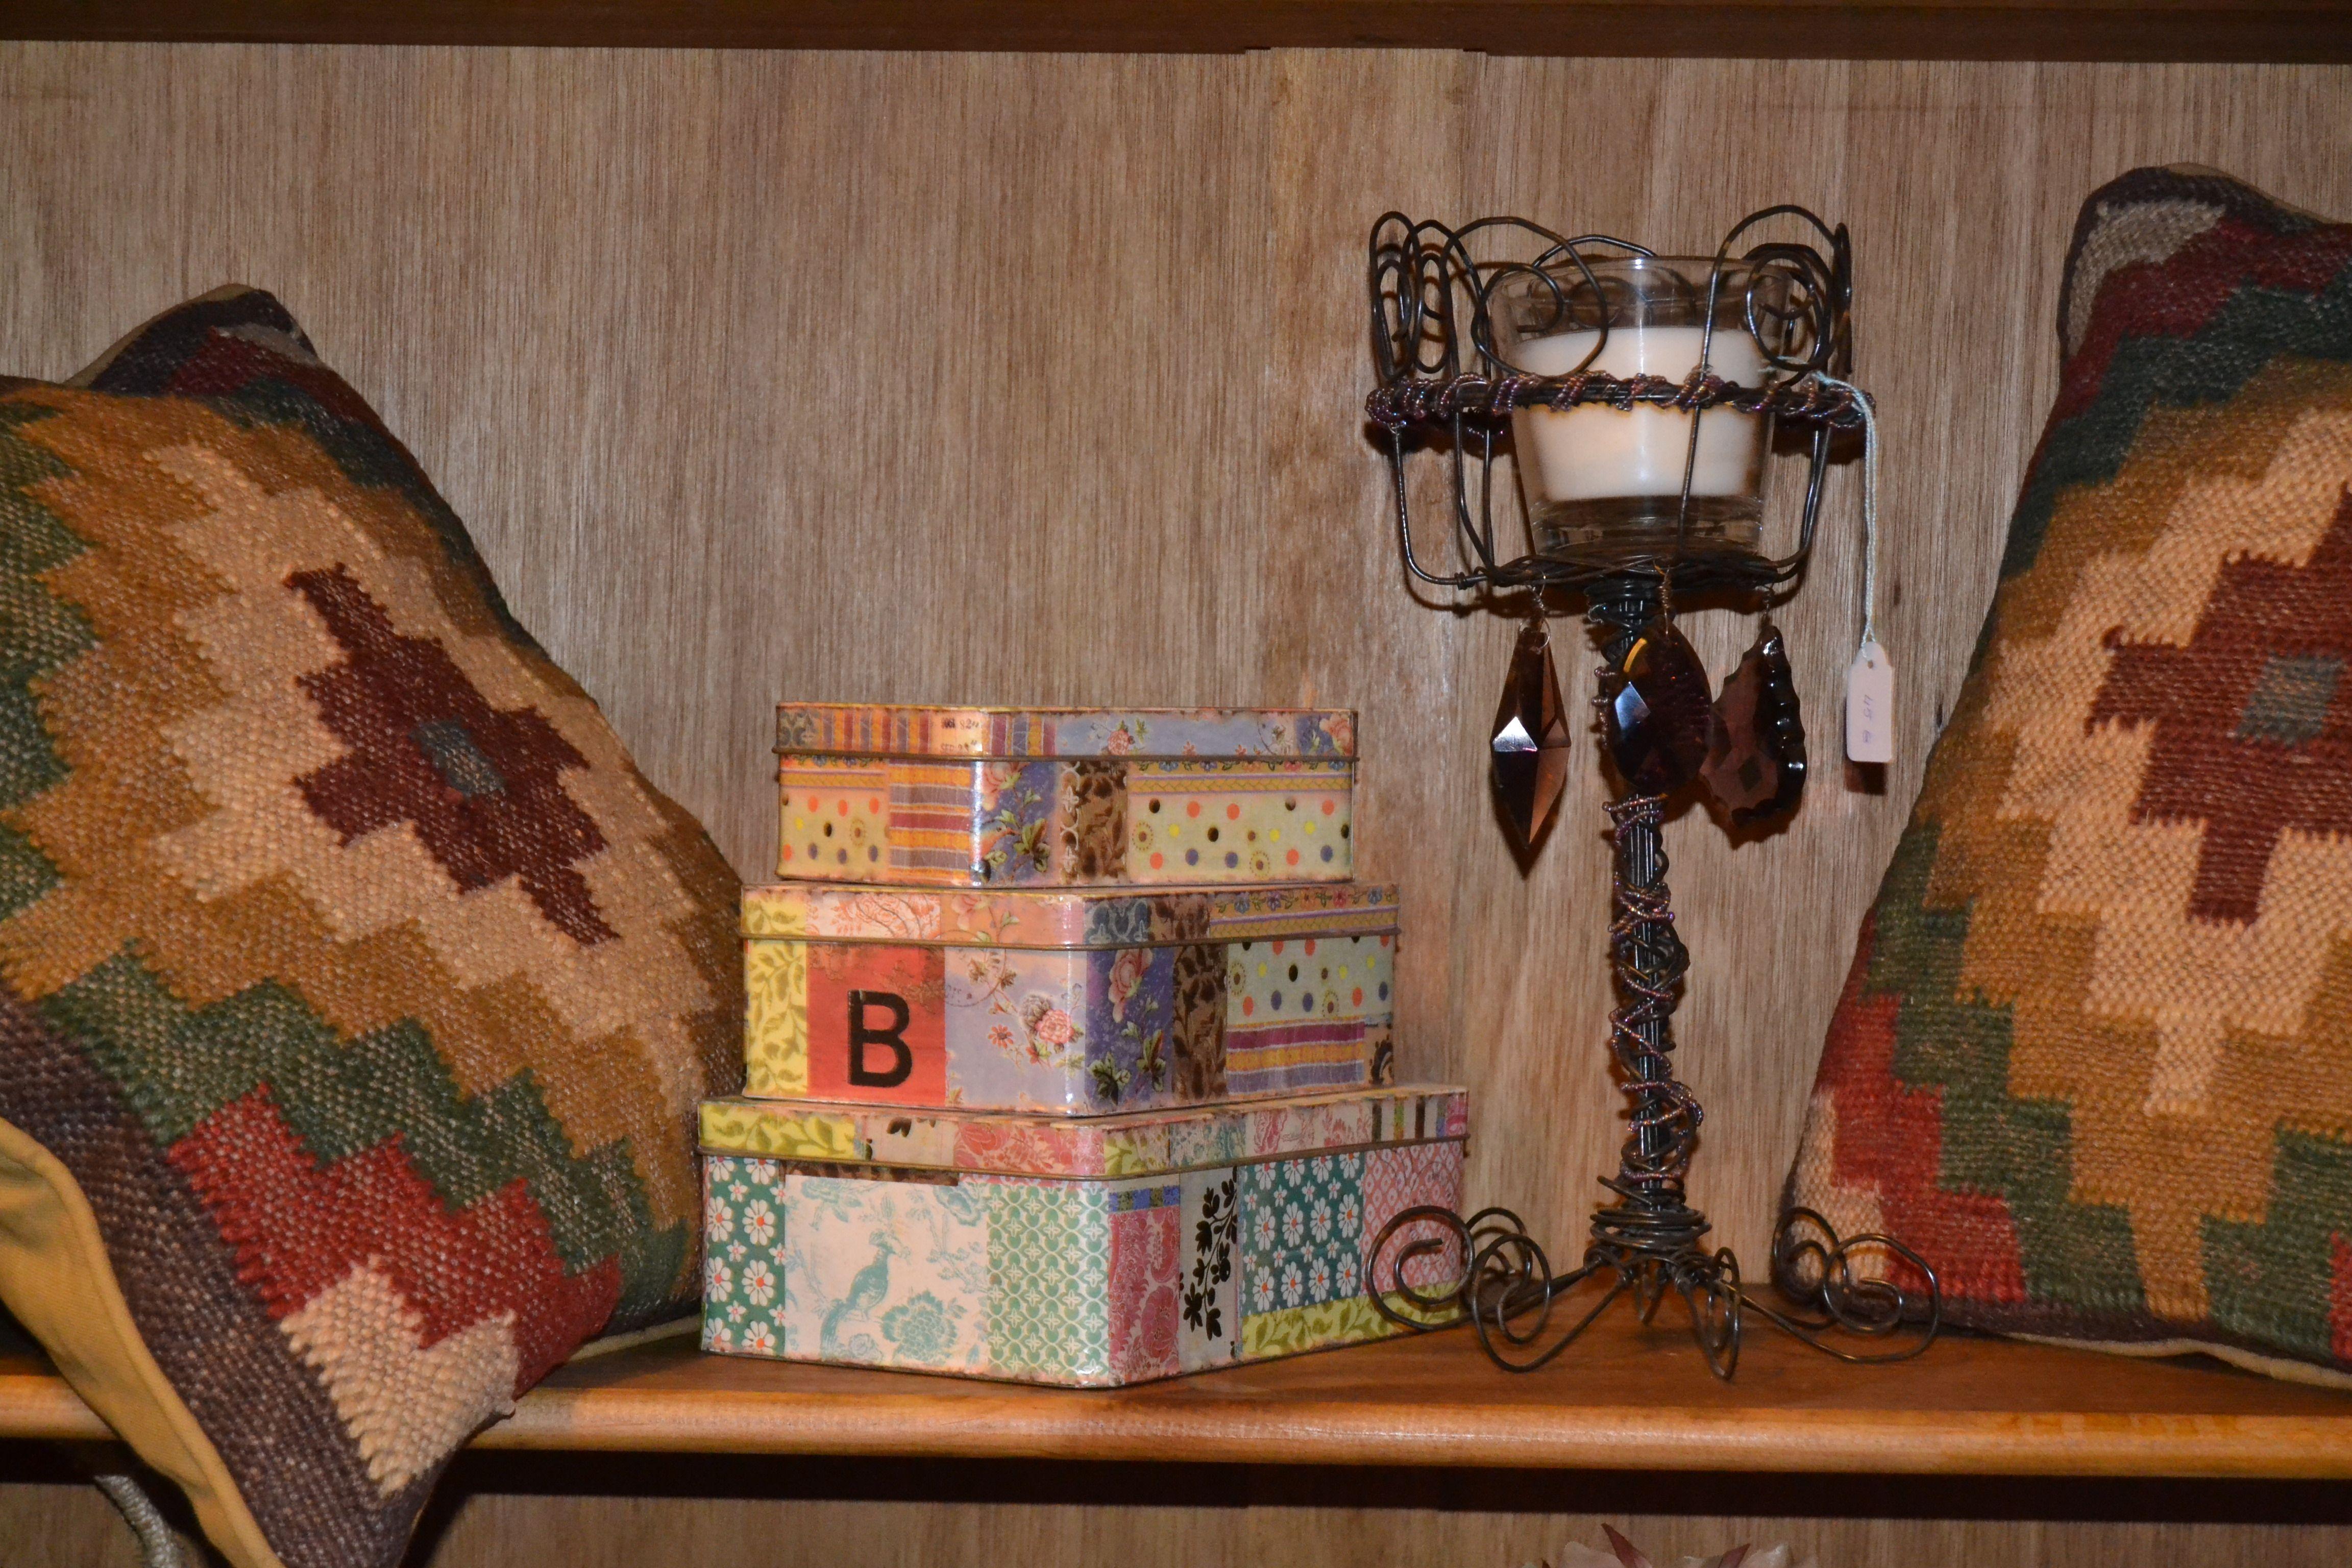 Anablue Sant Cugat Del Vall S Antiguitats Pinterest Cajas # Muebles Sant Cugat Del Valles